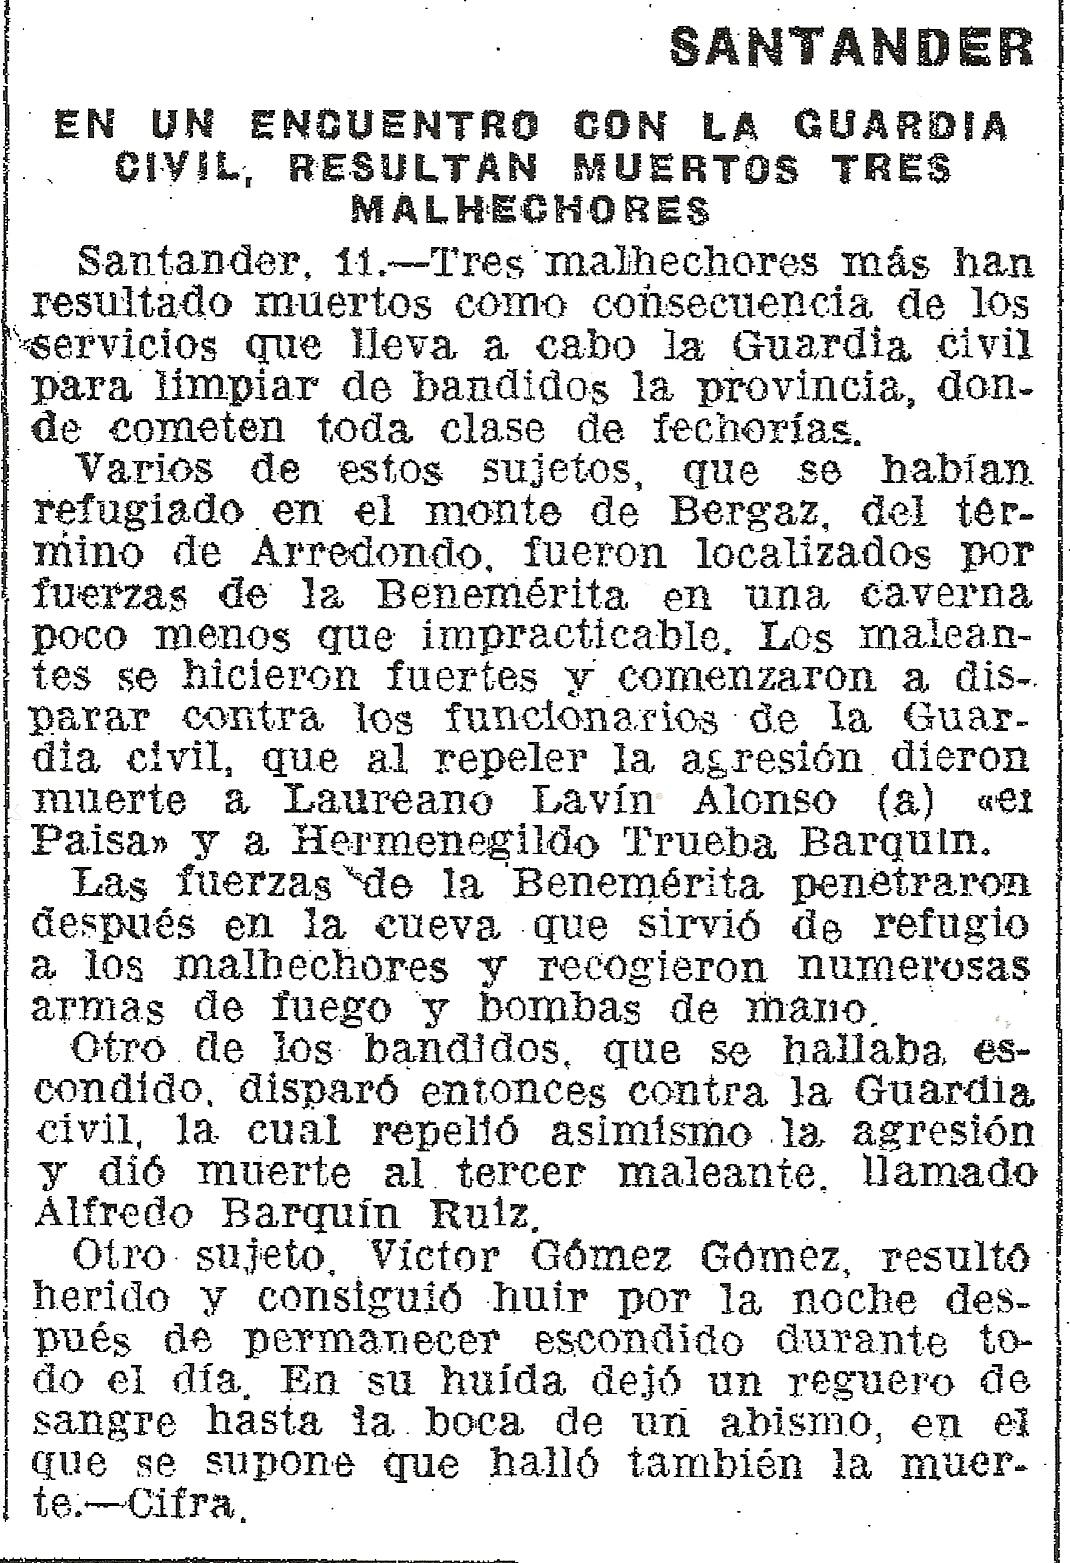 Nota de prensa aparecida el 12-11-1941.